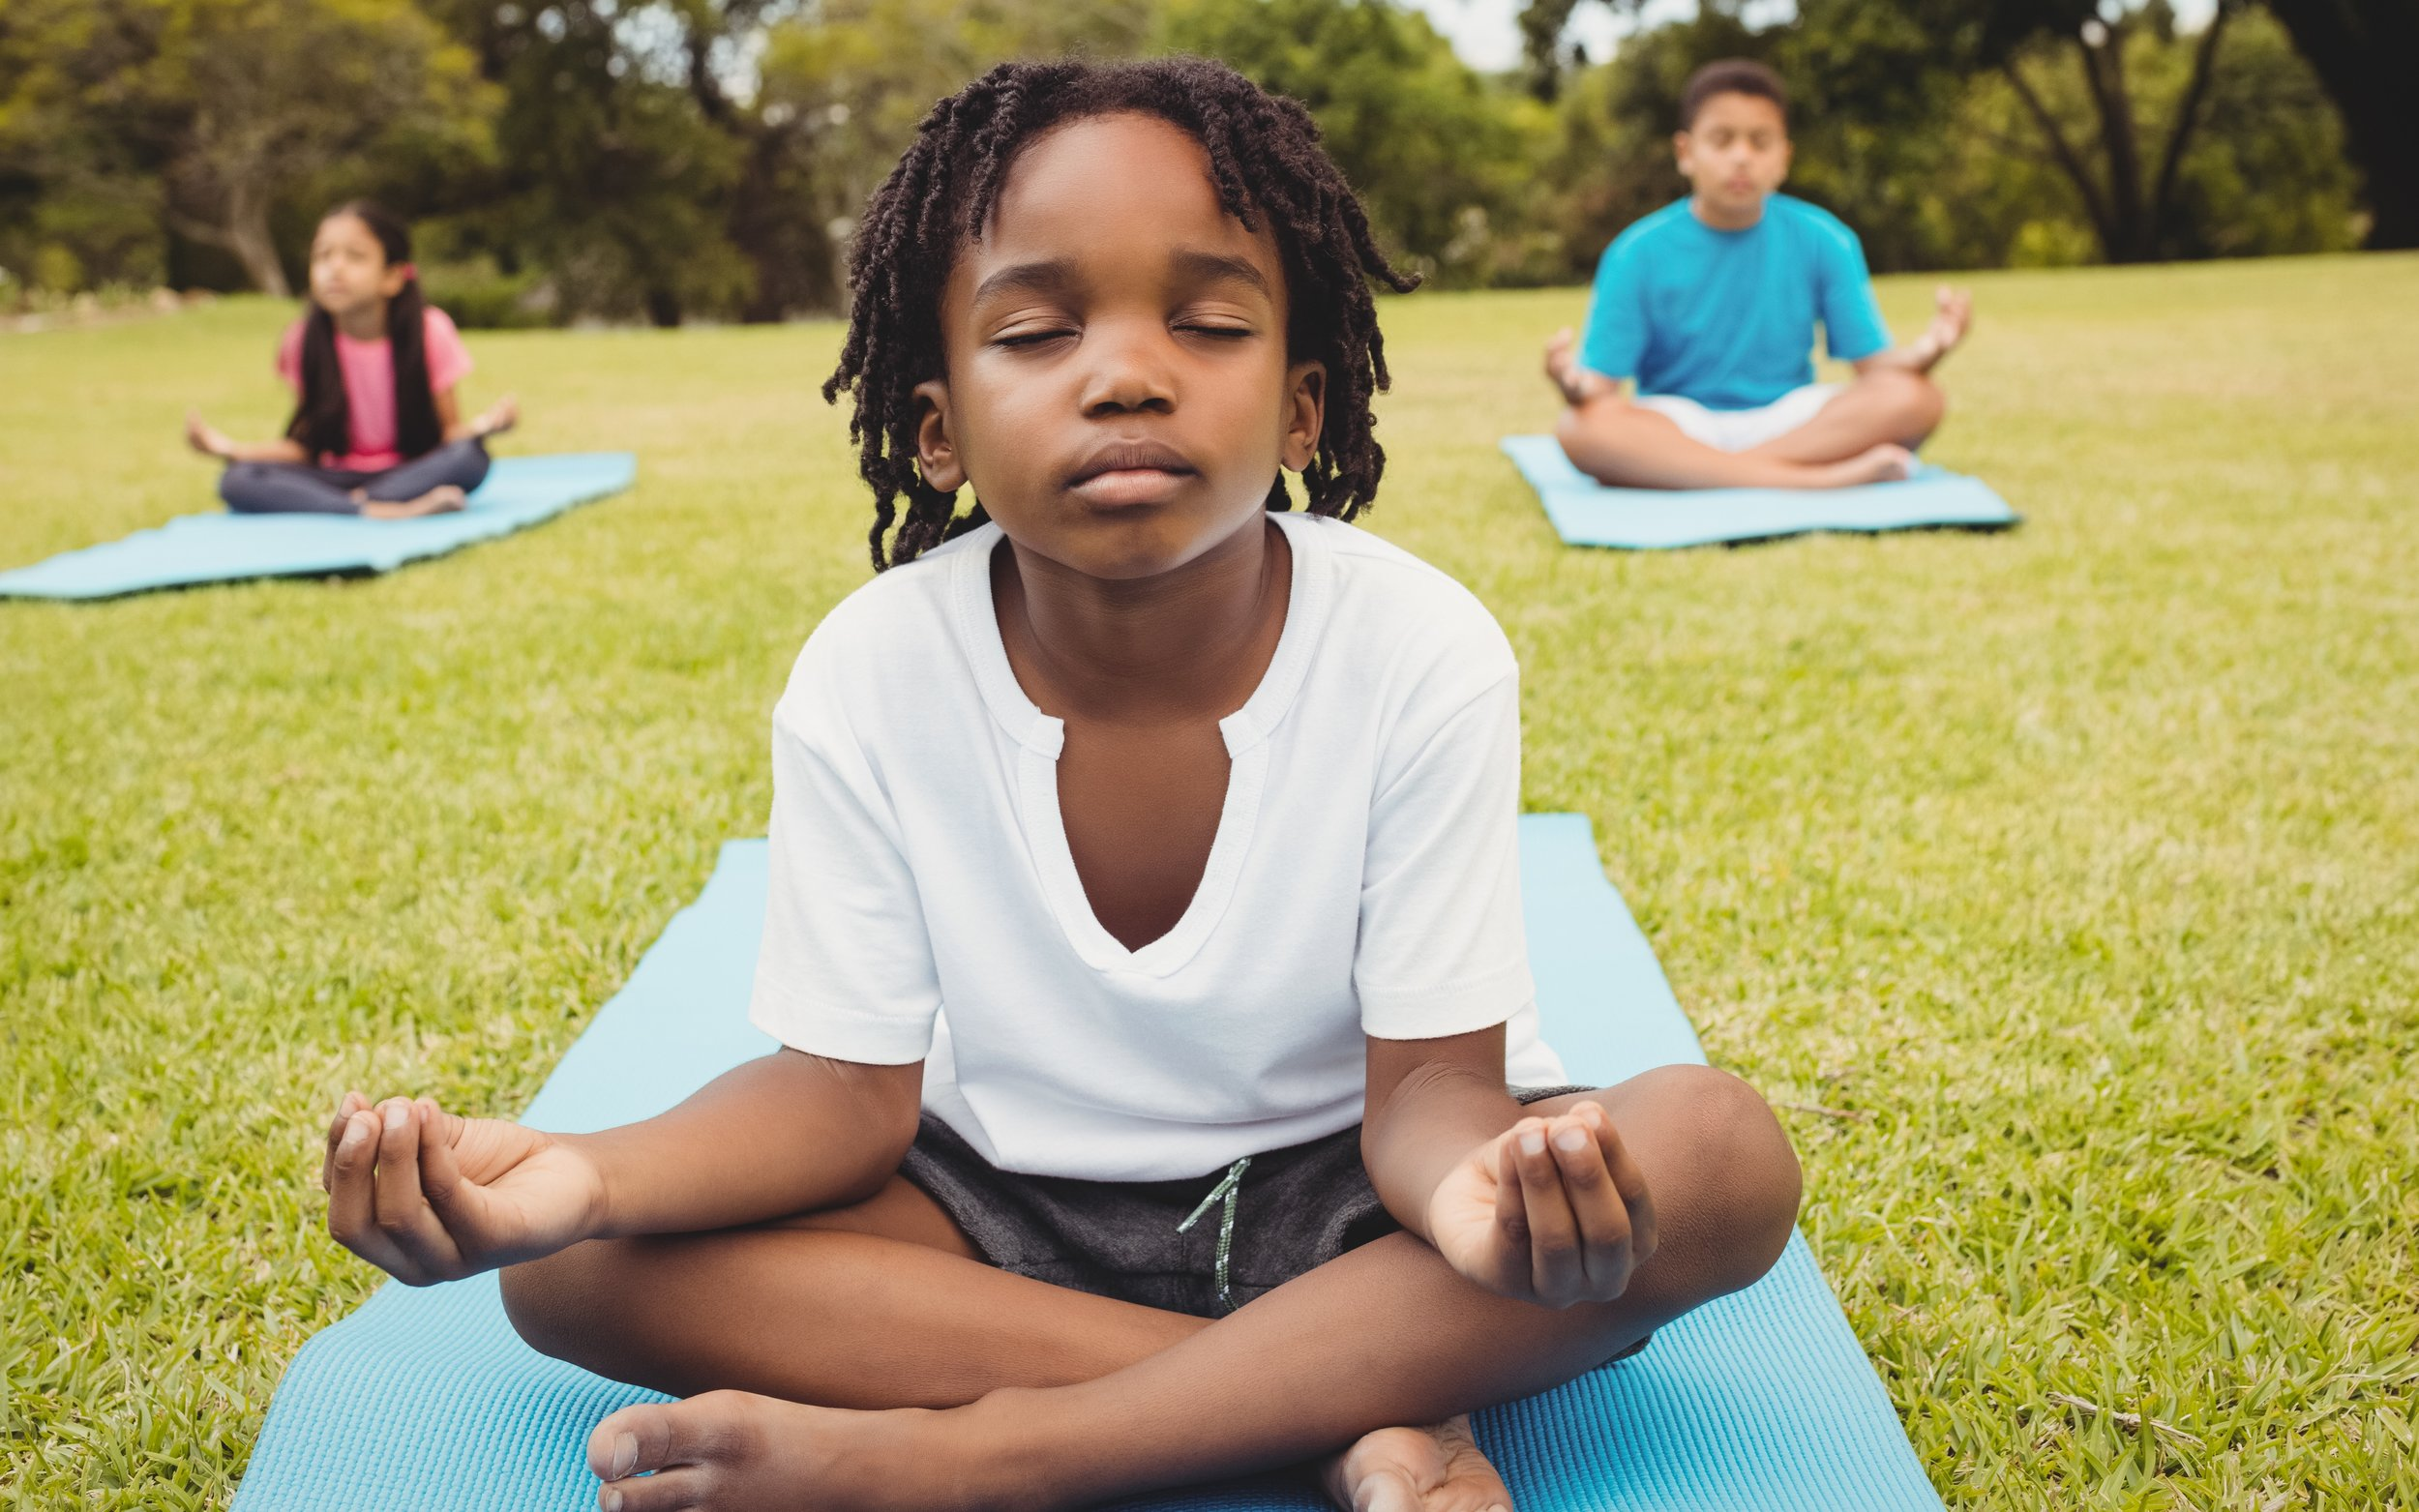 boy-meditation-yoga-park-cropped.jpg